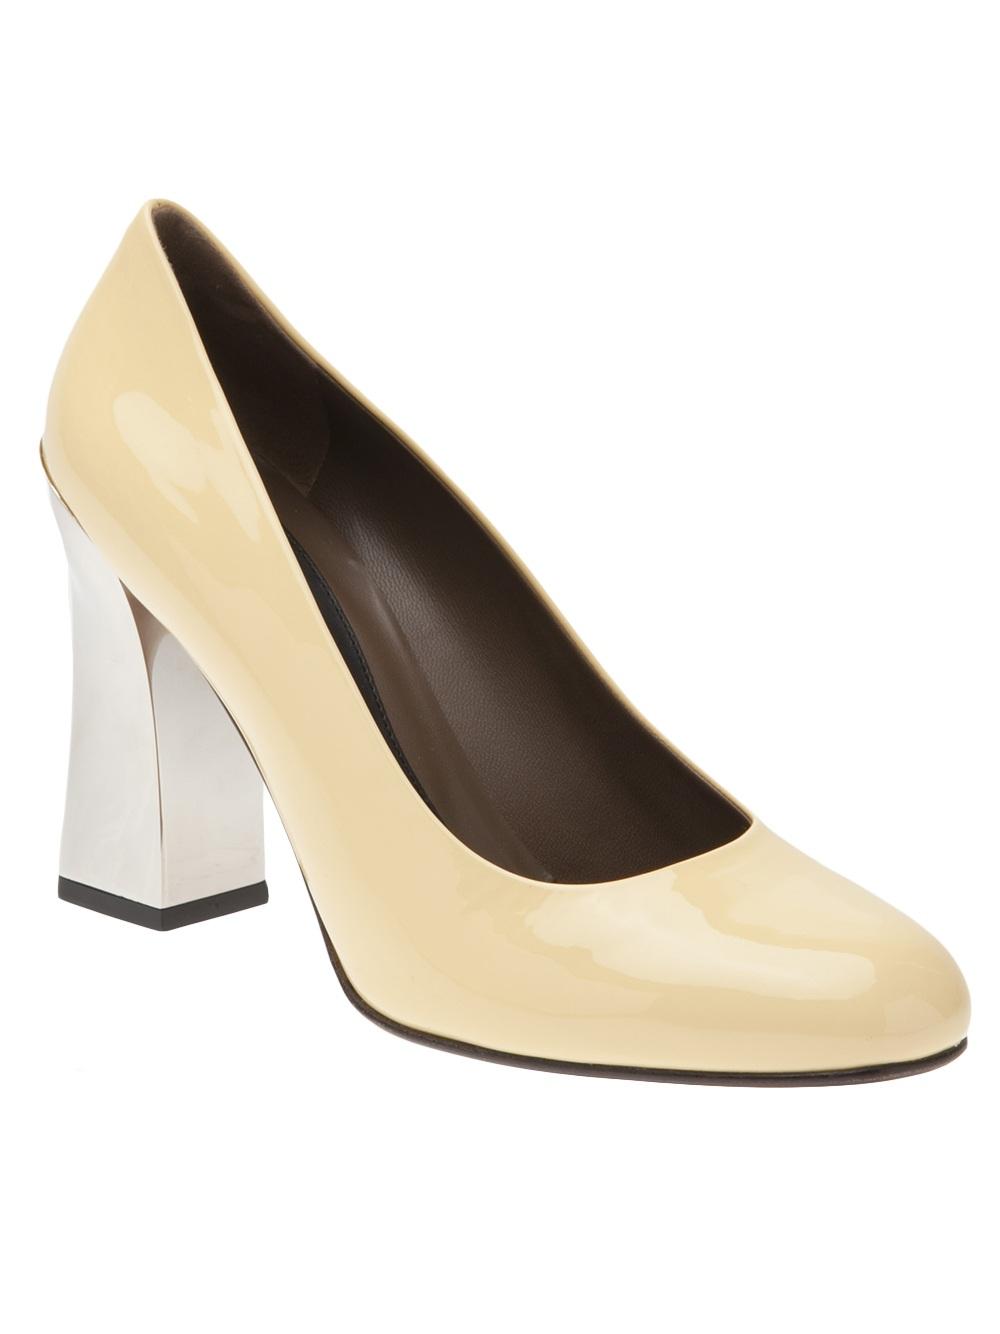 Marni Shoes Sale Online